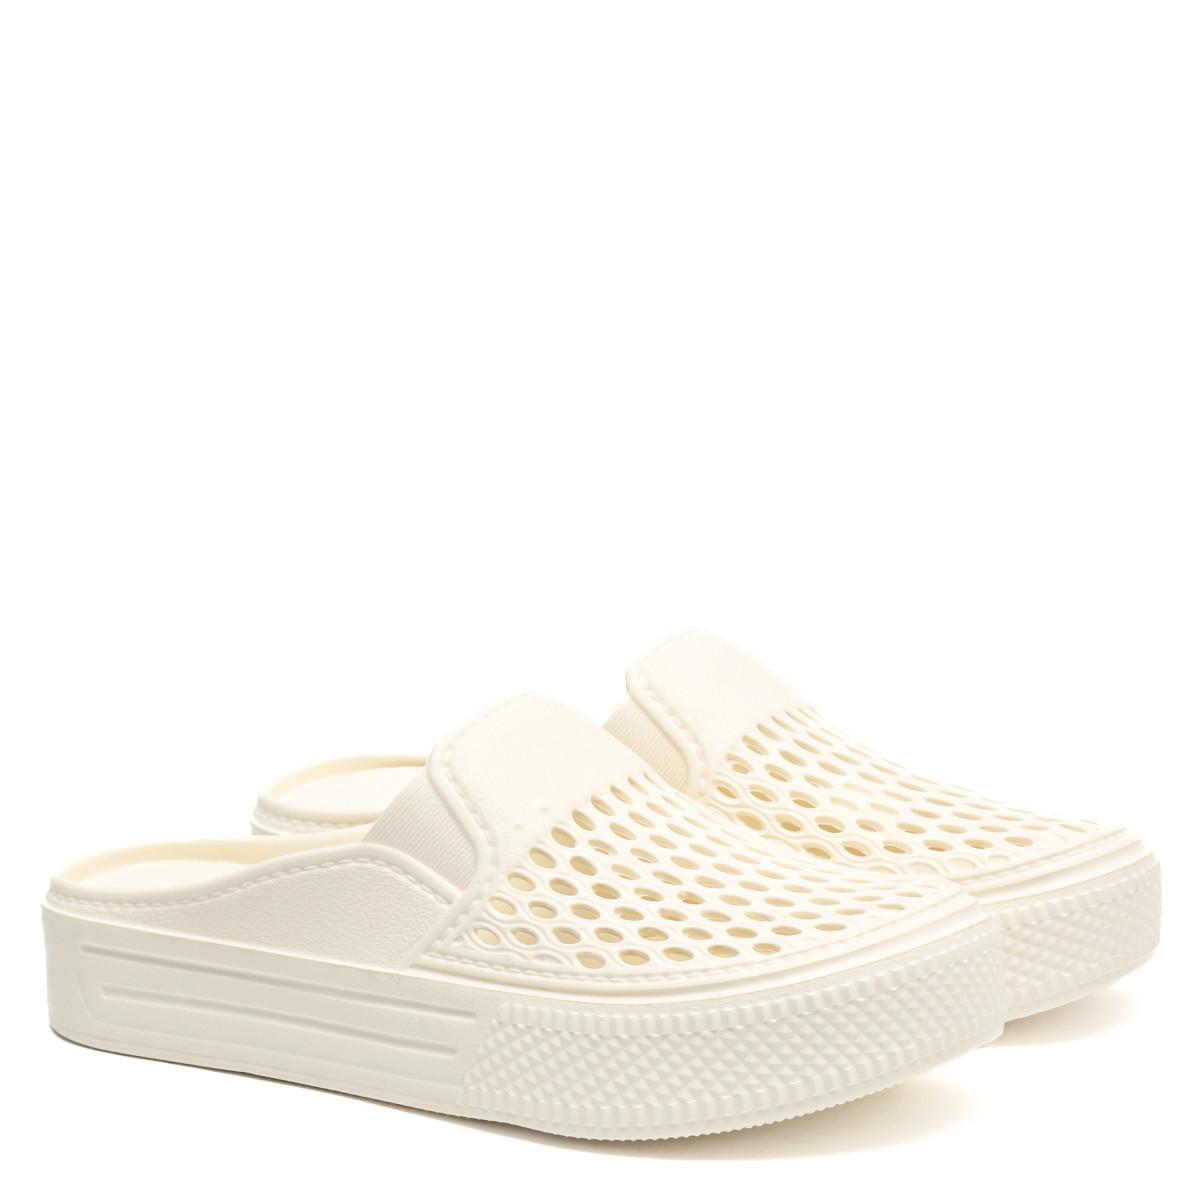 Women's Flip-Flops EVA, White